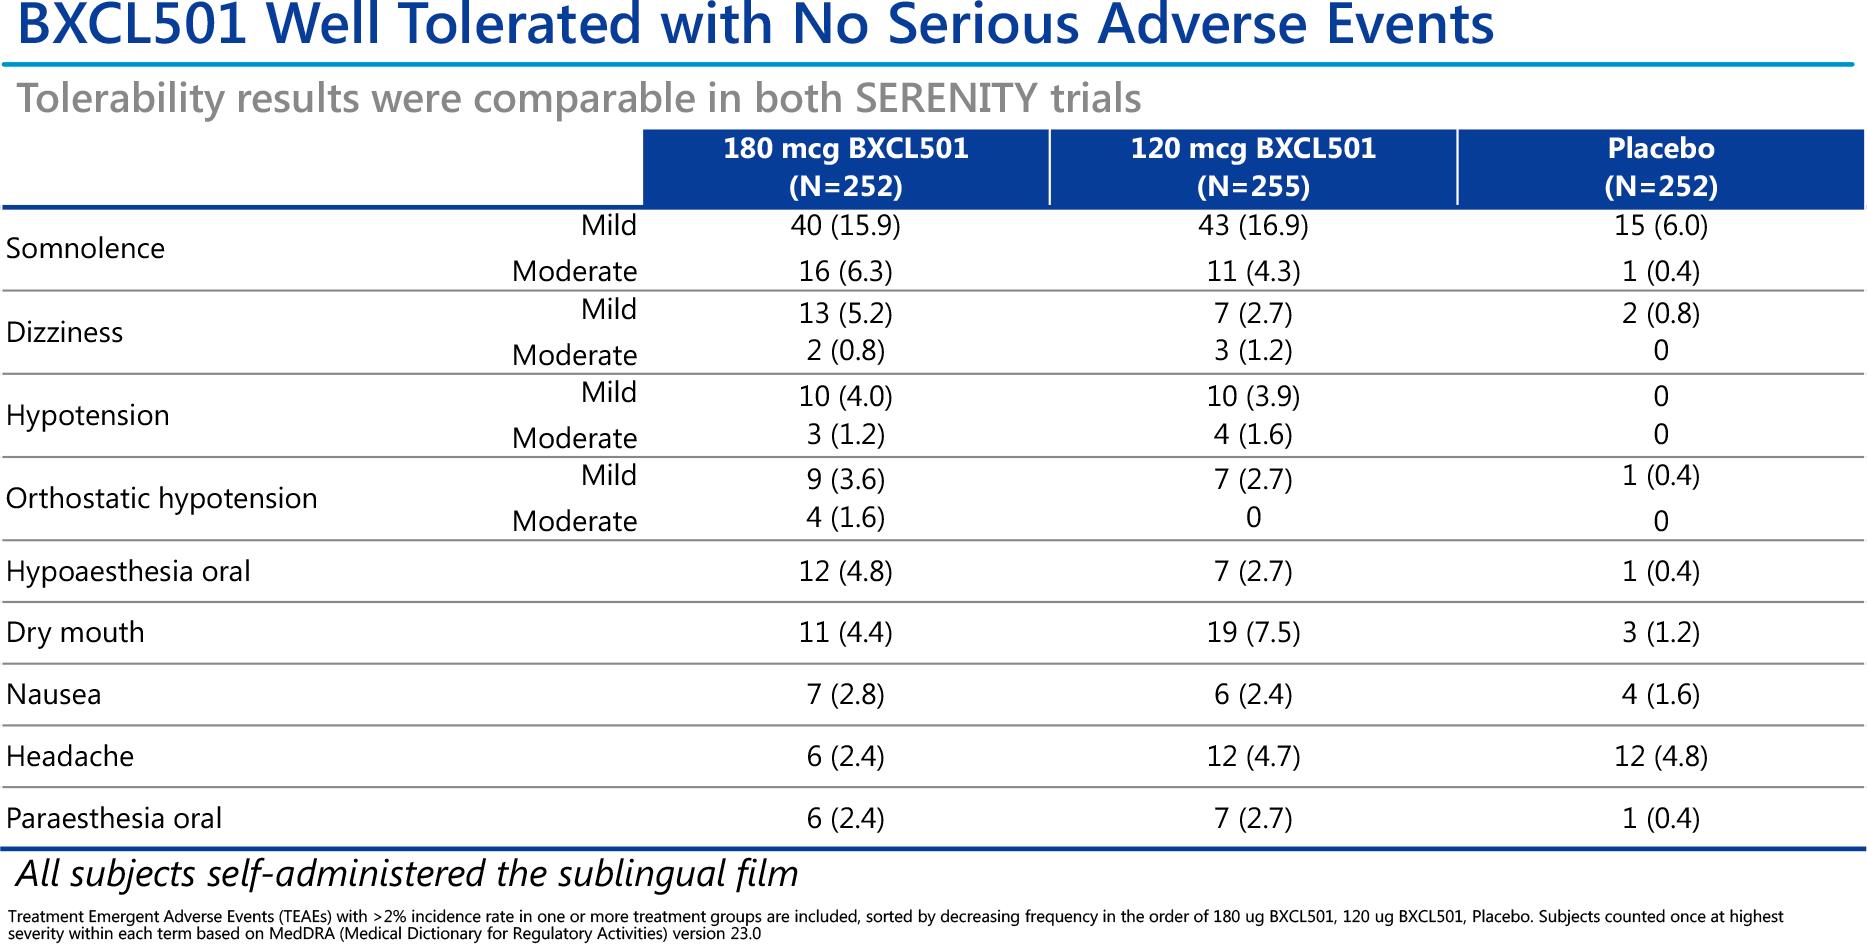 nct04268303 results 07 - Дексмедетомидин: быстрое купирование острой ажитации при шизофрении и биполярном расстройстве